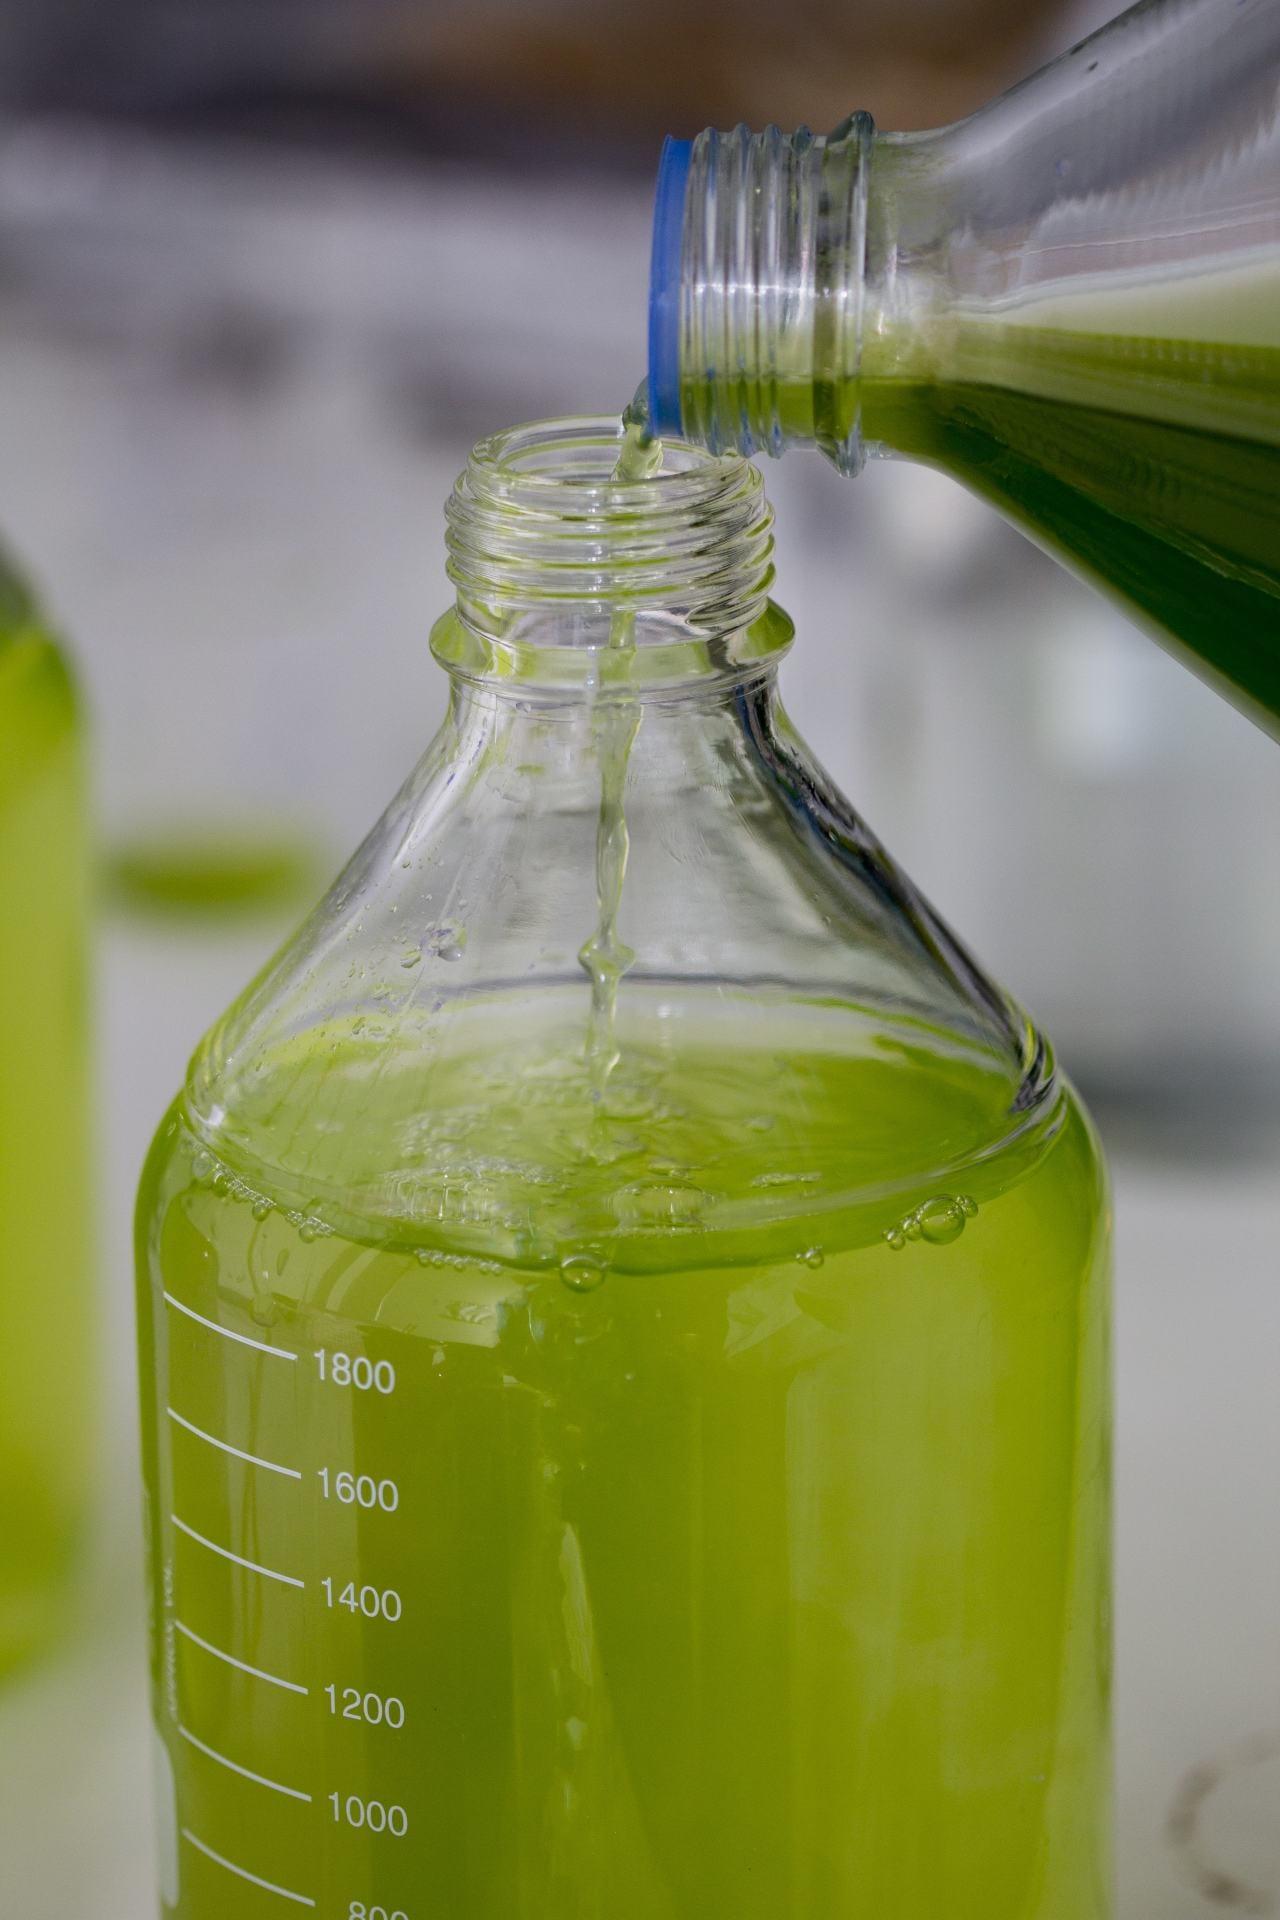 Microalgas en el laboratorio